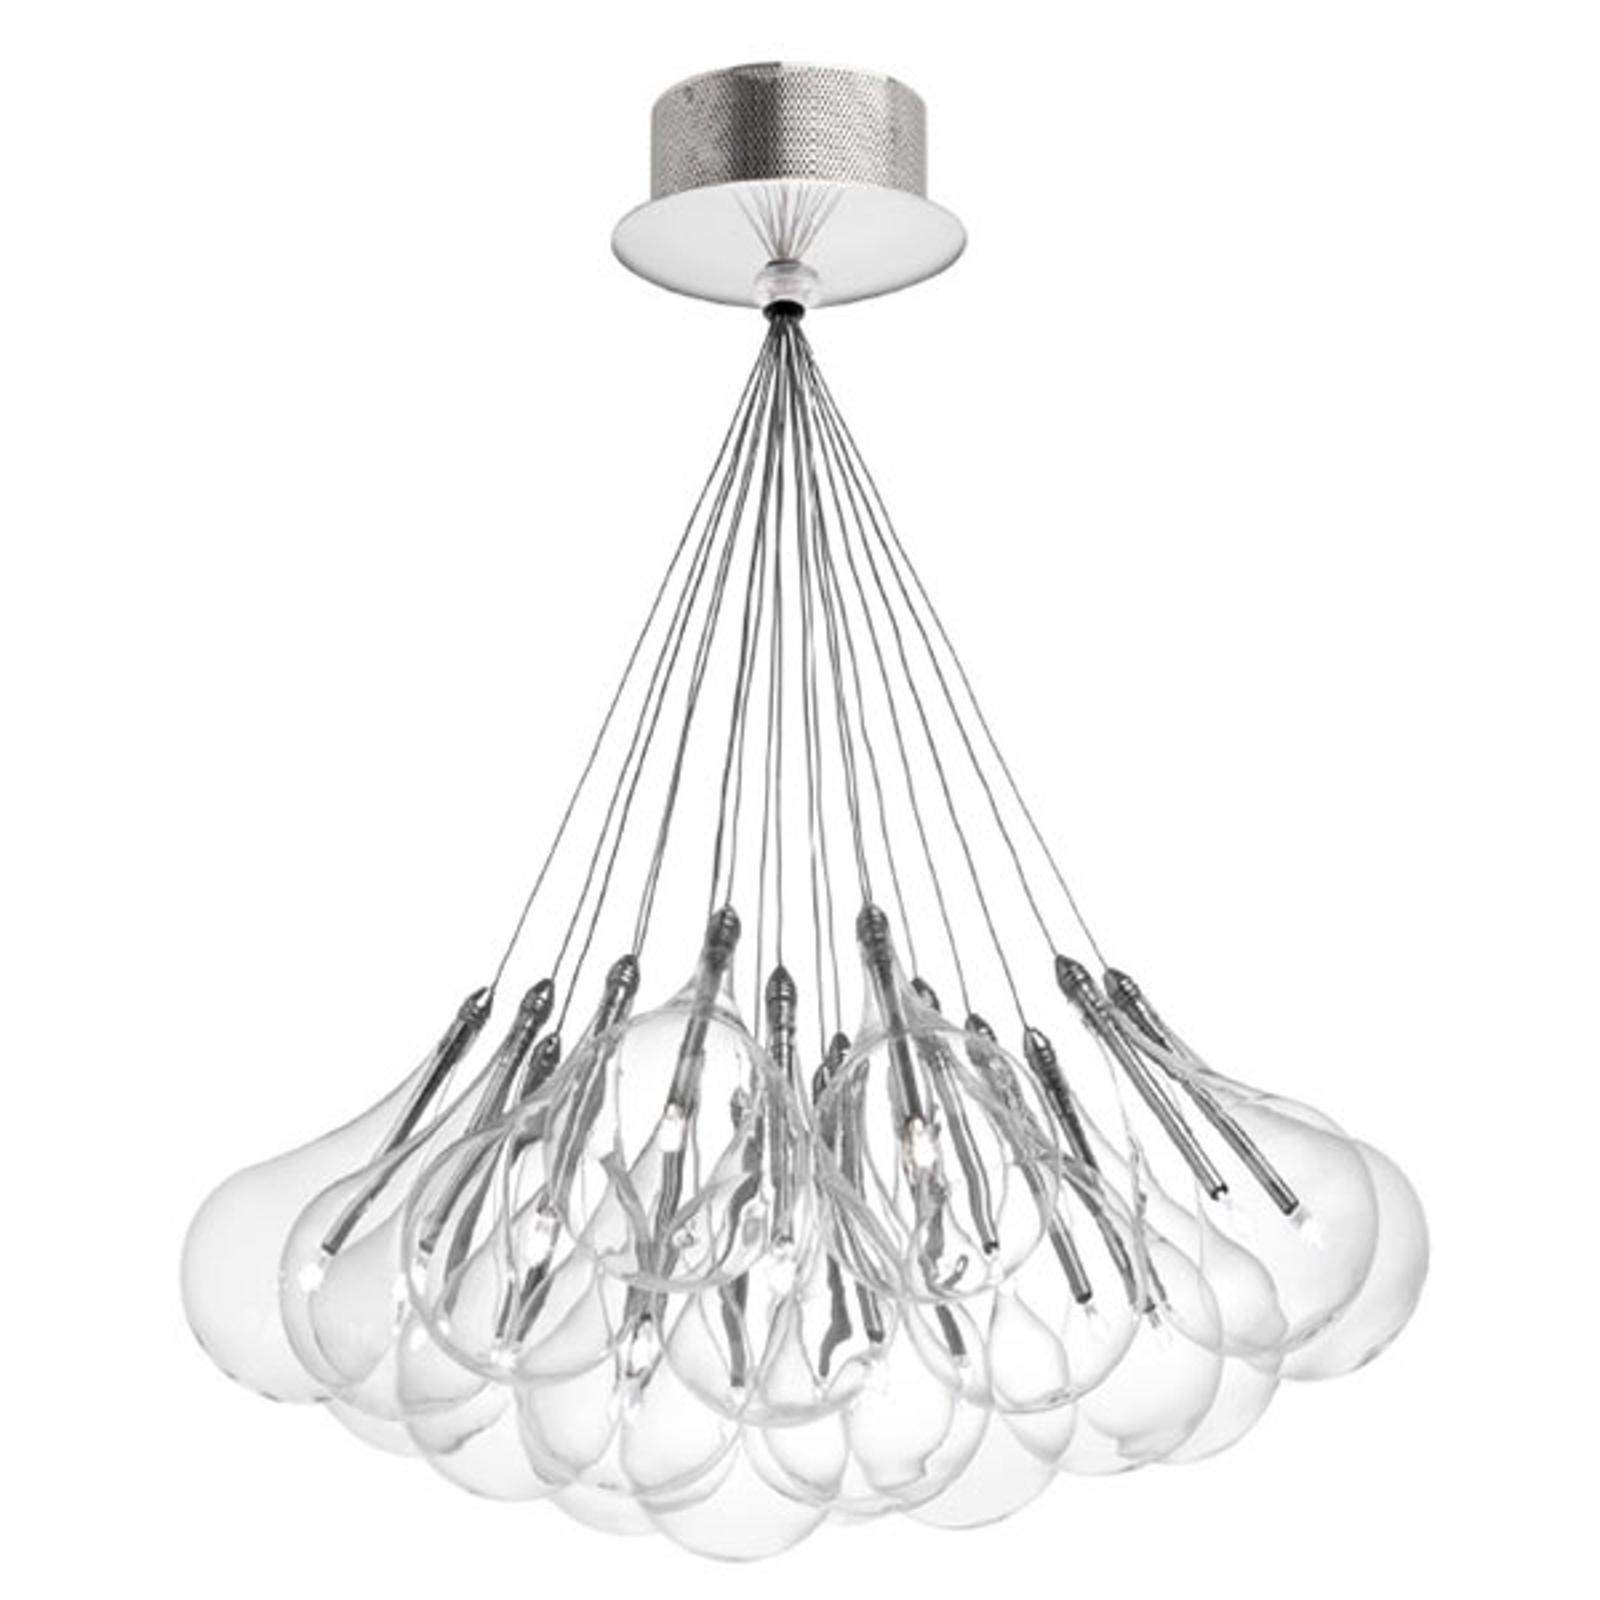 LED-hänglampa Drop S, 19 lampor